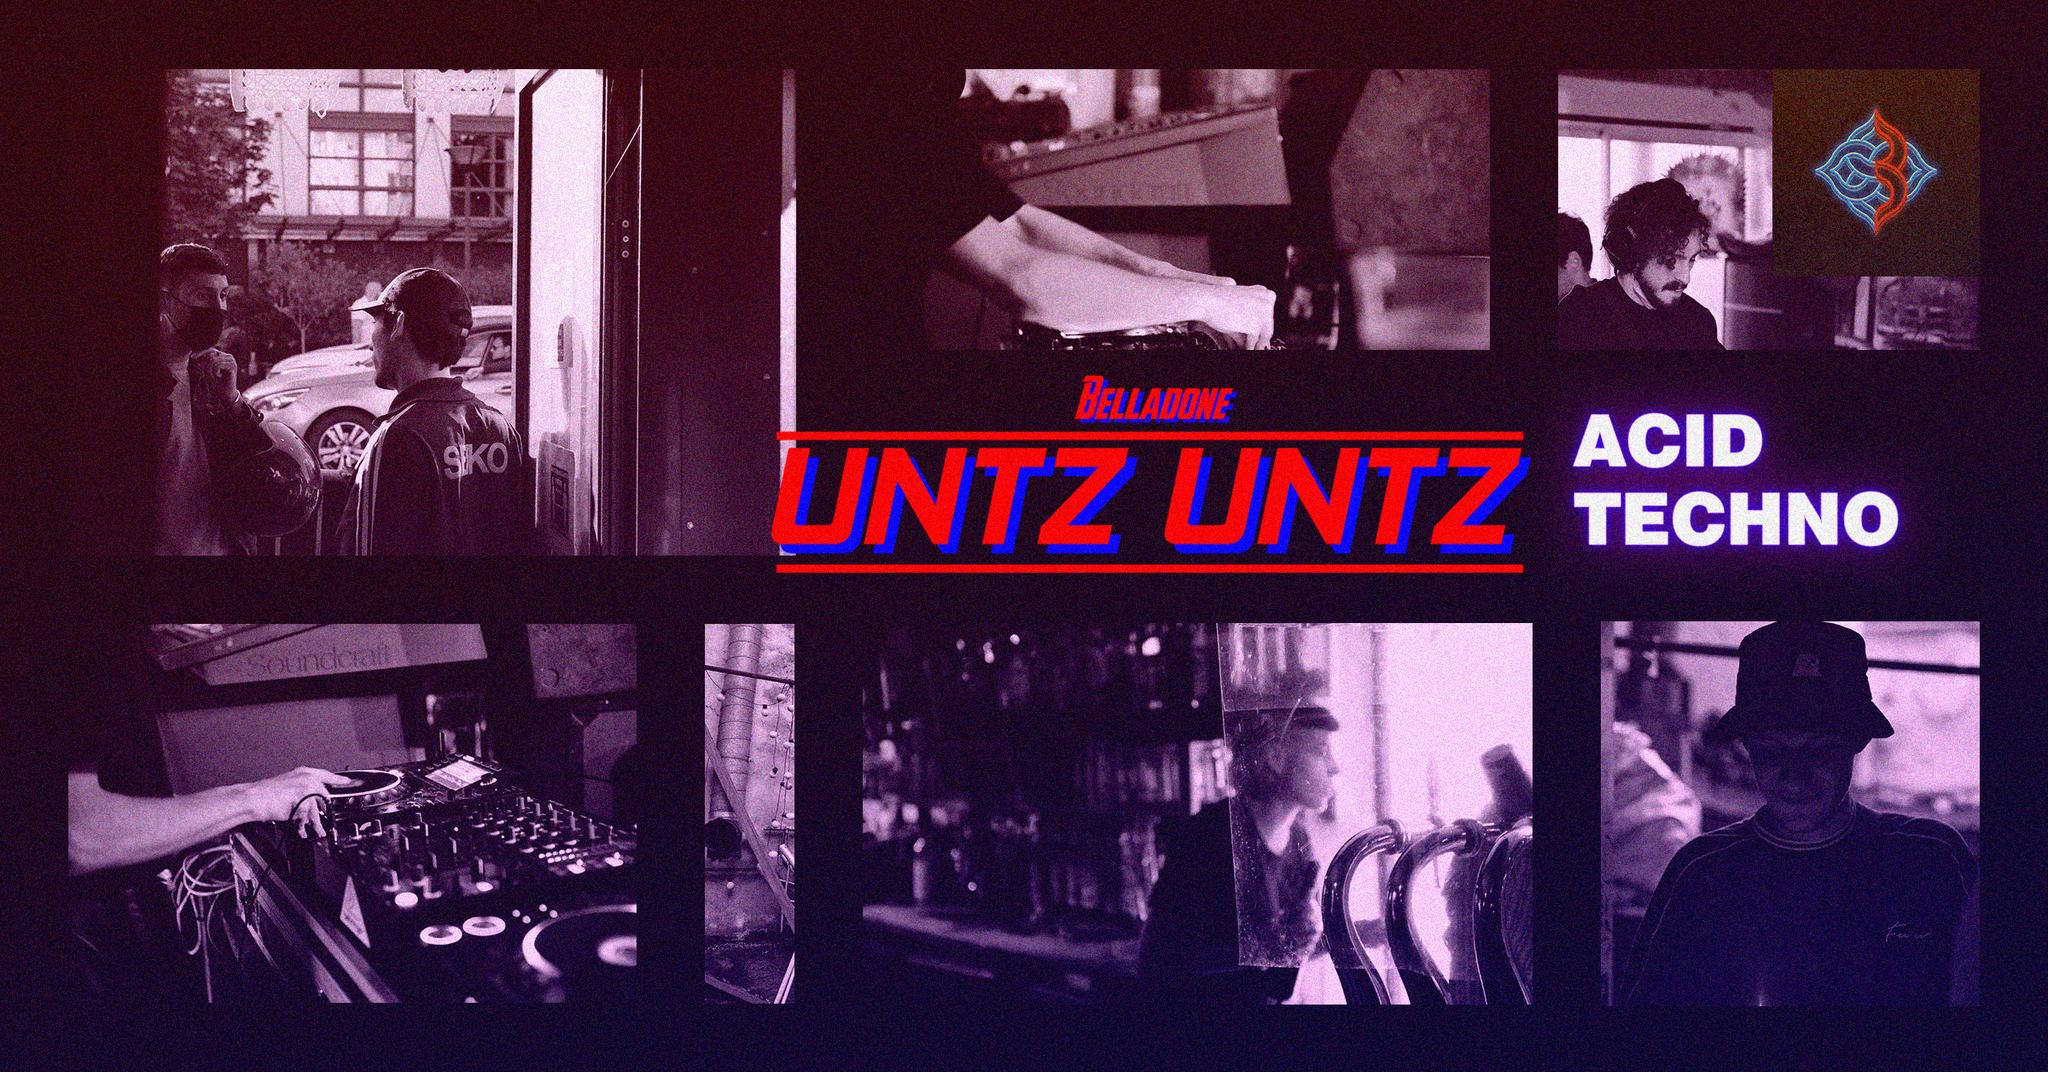 SOLD OUT ___ untz untz #5 ___